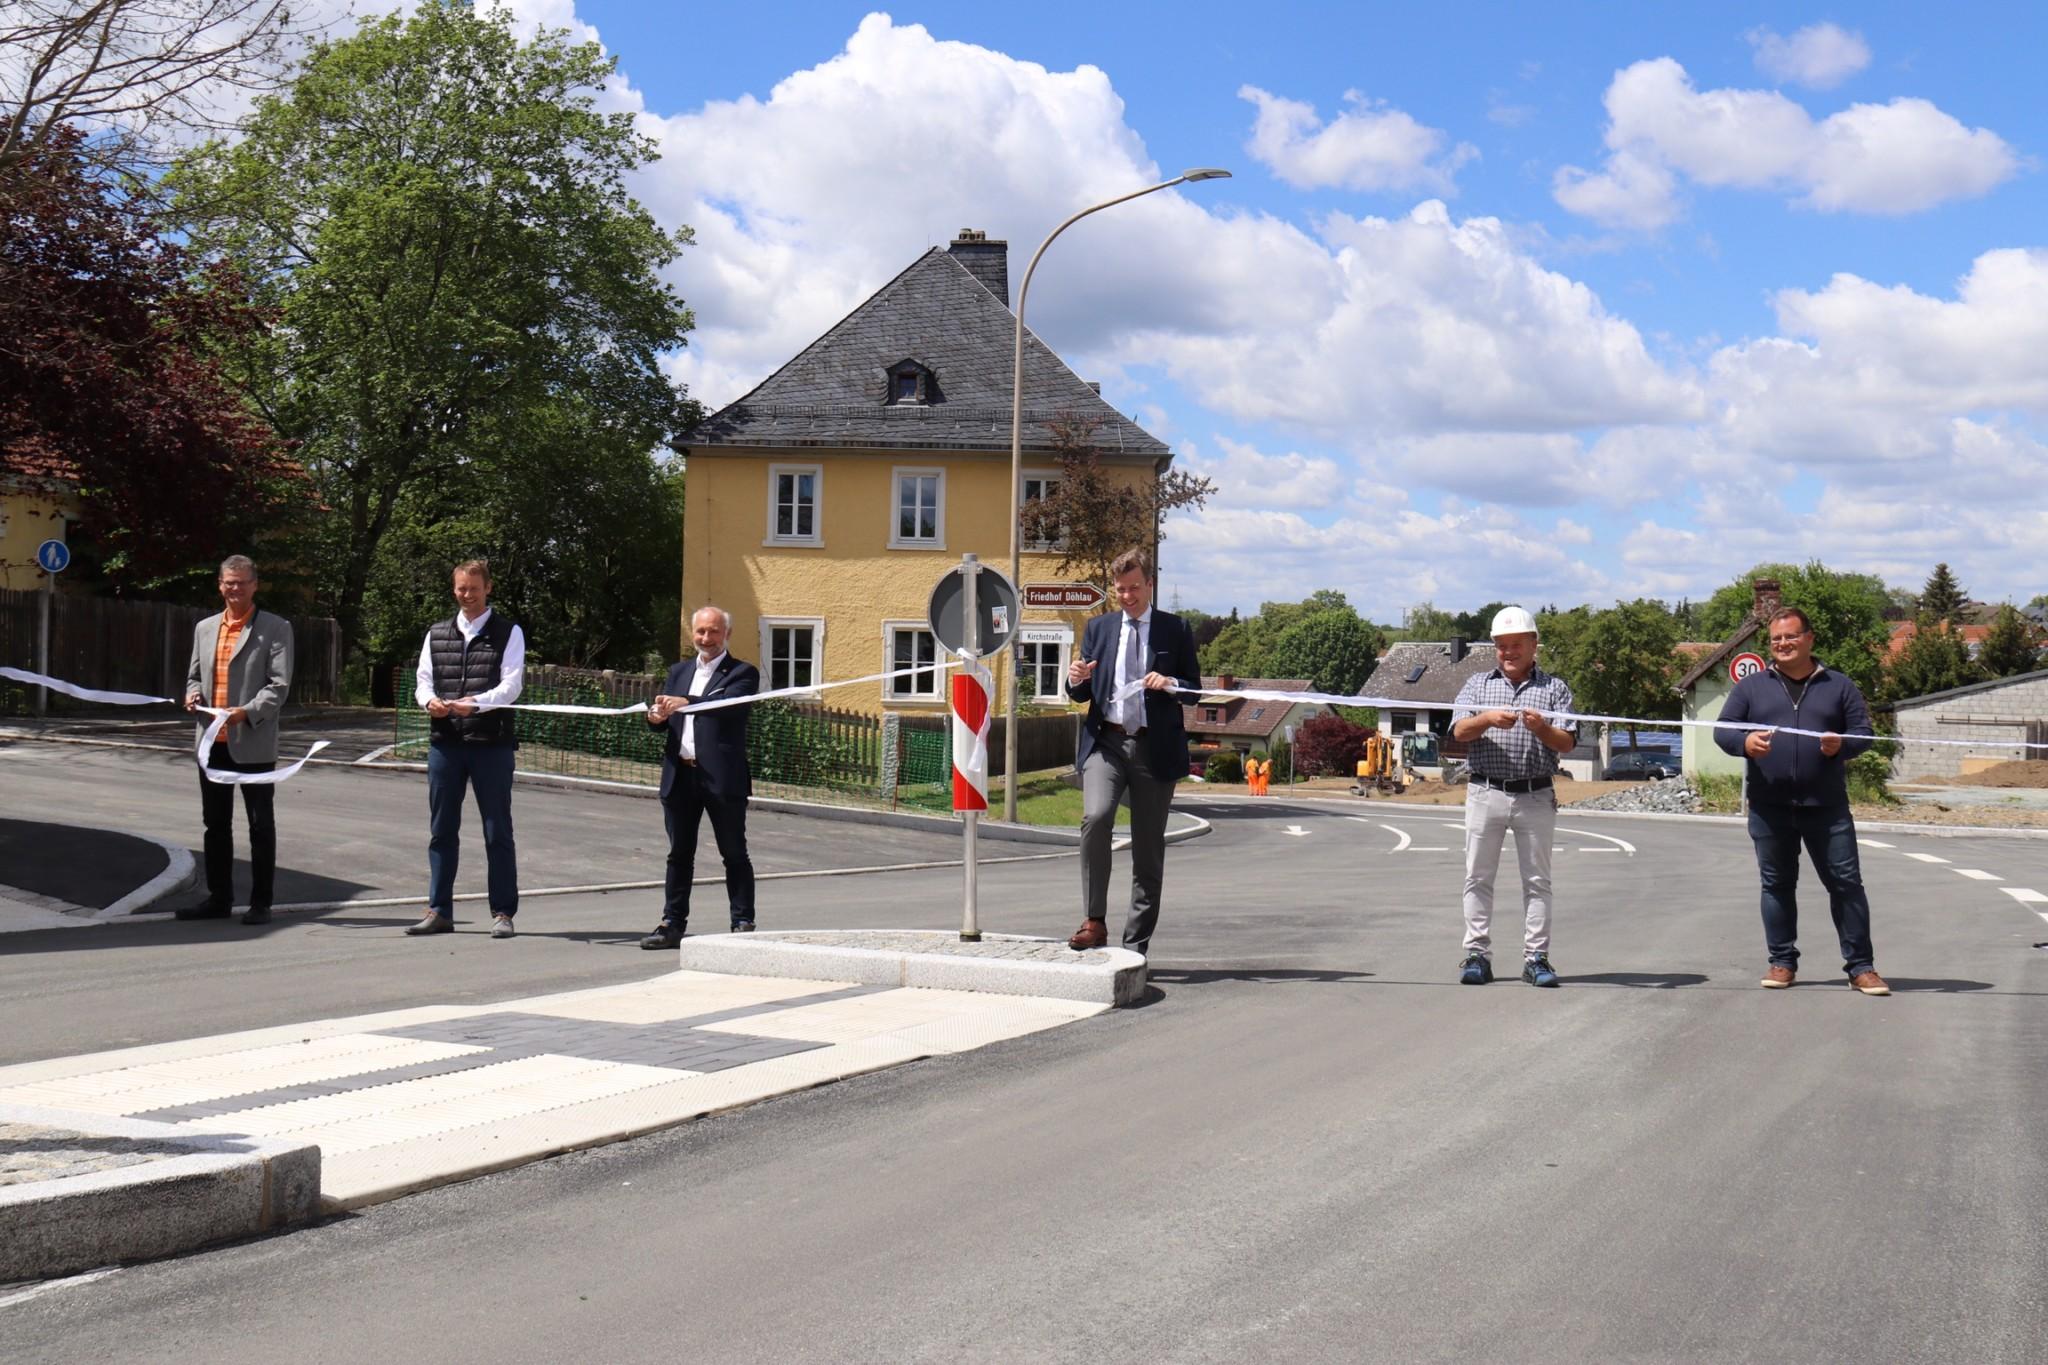 Haben die Ortsdurchfahrt Döhlau offiziell für den Verkehr freigegeben (von links nach rechts): Thomas Knauer (ehemaliger Bürgermeister Döhlau), Marc Ultsch (Bürgermeister Döhlau), Jürgen Wälzel (Fachbereichsleiter Tiefbau Landkreis Hof), Landrat Dr. Oliver Bär, Wolfgang Scharnagl (Geschäftsführer Scharnagl Hoch- und Tiefbau) und Rico Schneider (Bauleiter Scharnagl Hoch- und Tiefbau)